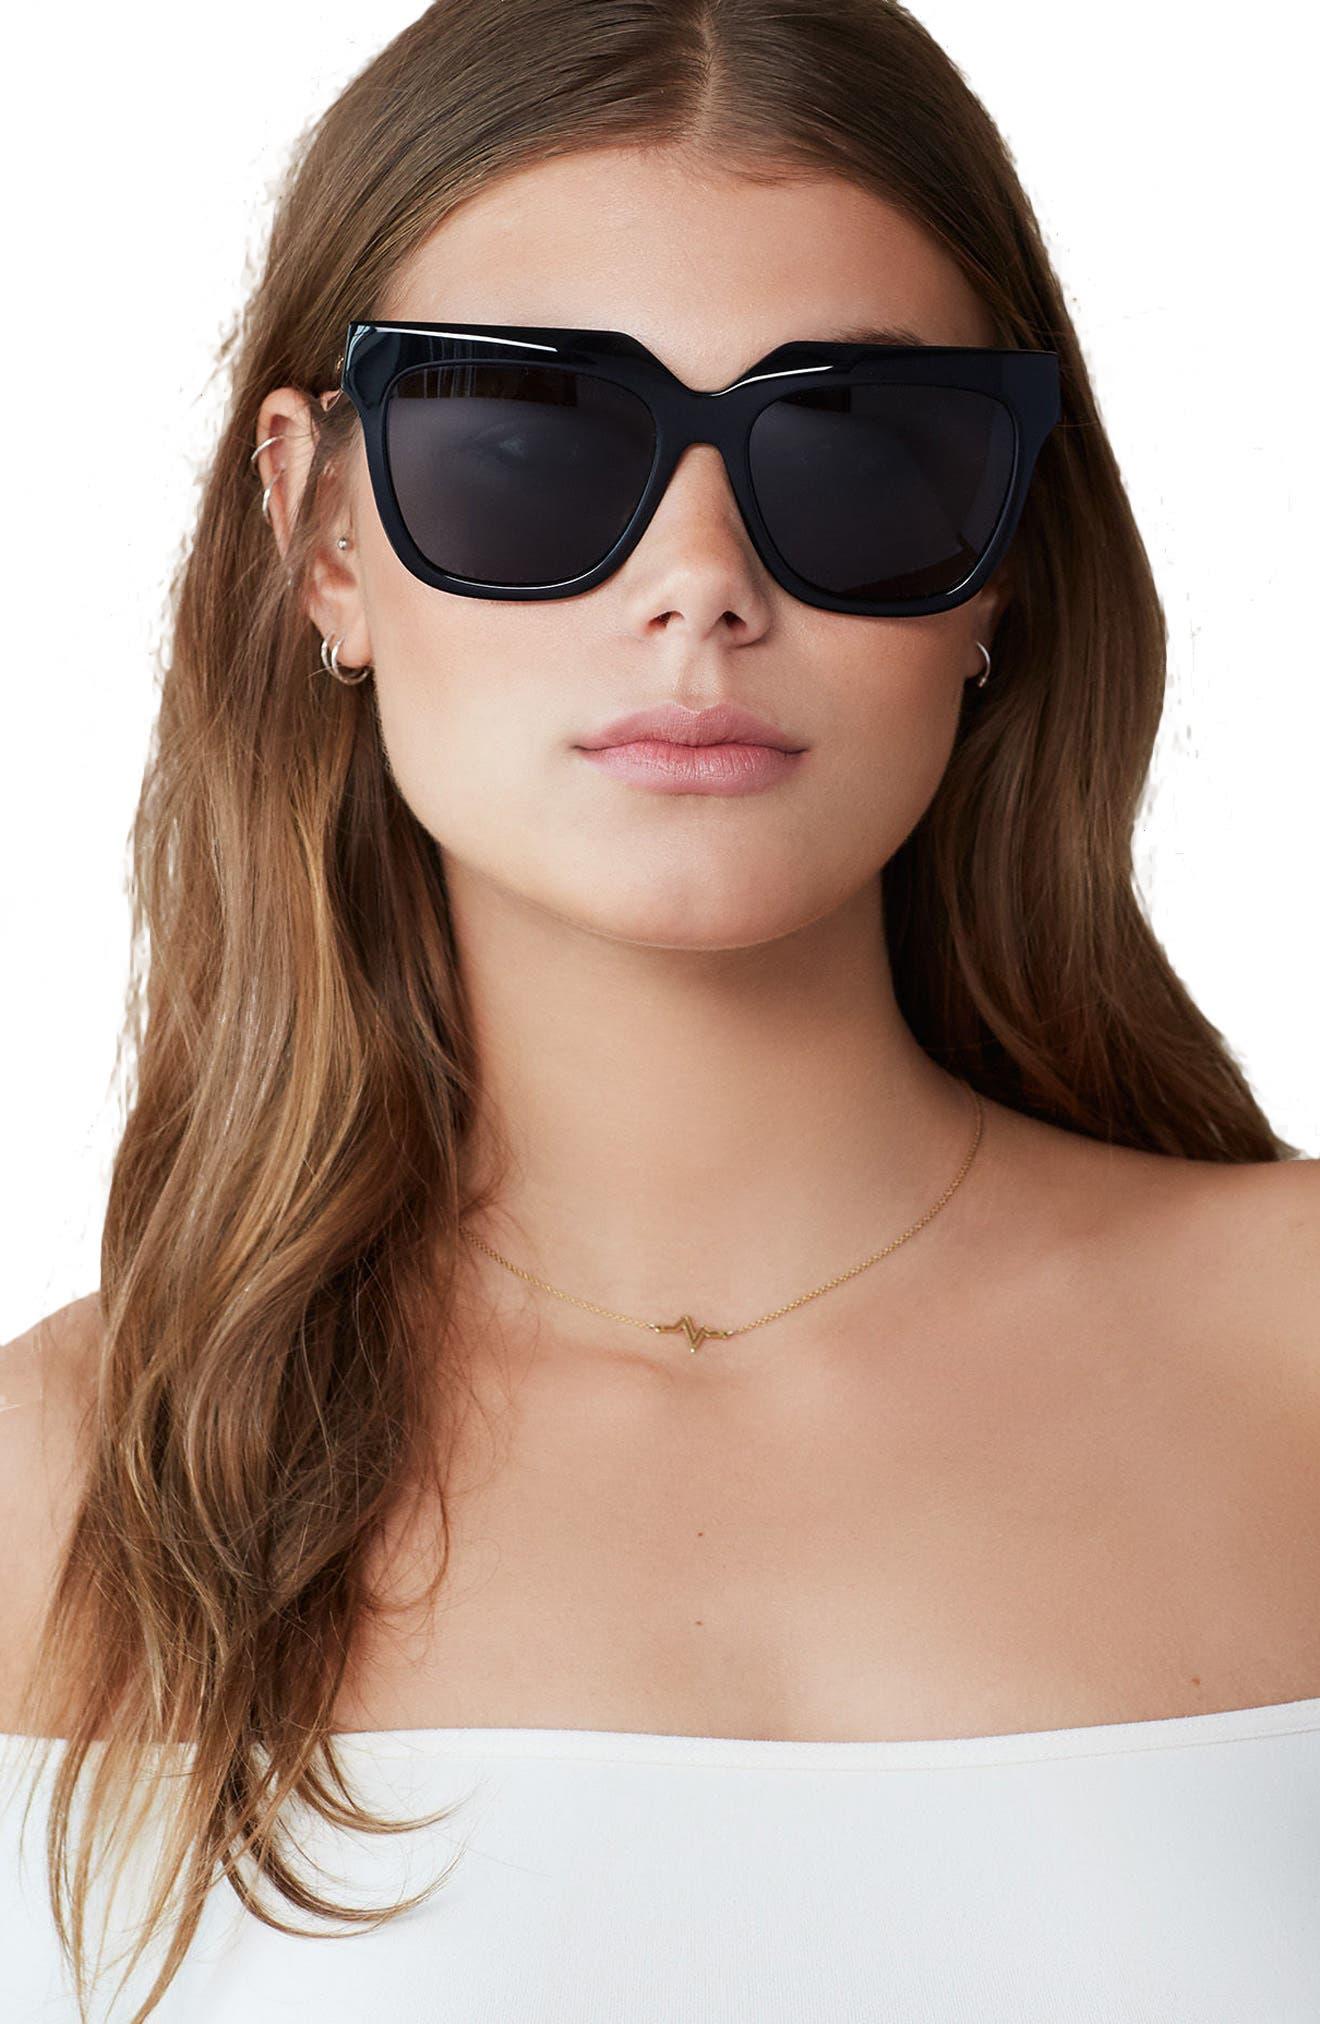 Avalon 57mm Retro Sunglasses,                             Alternate thumbnail 3, color,                             001